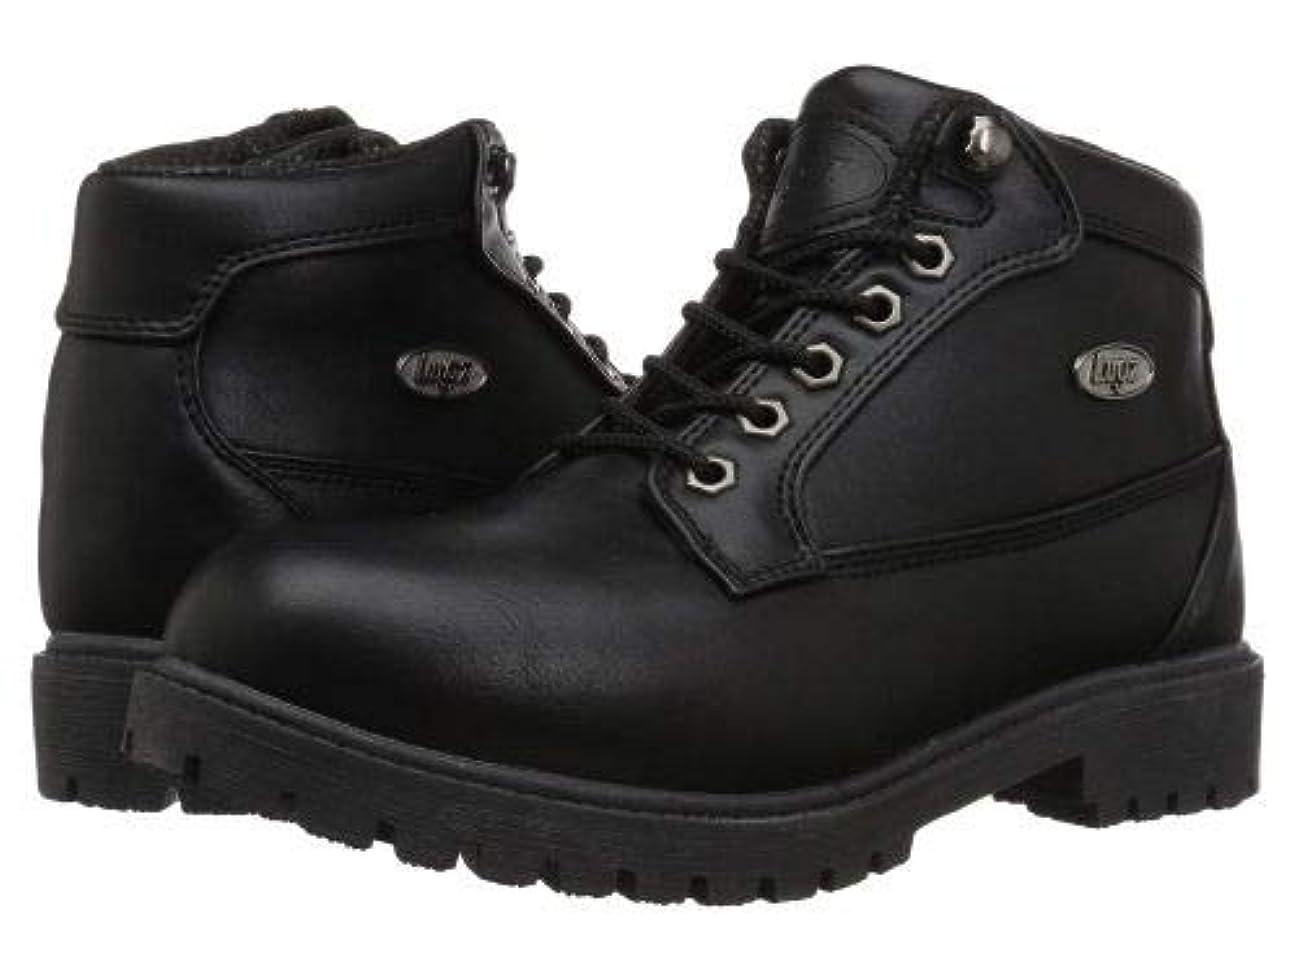 バンク優先権作業Lugz(ラグズ) レディース 女性用 シューズ 靴 ブーツ レースアップブーツ Mantle Mid - Black [並行輸入品]